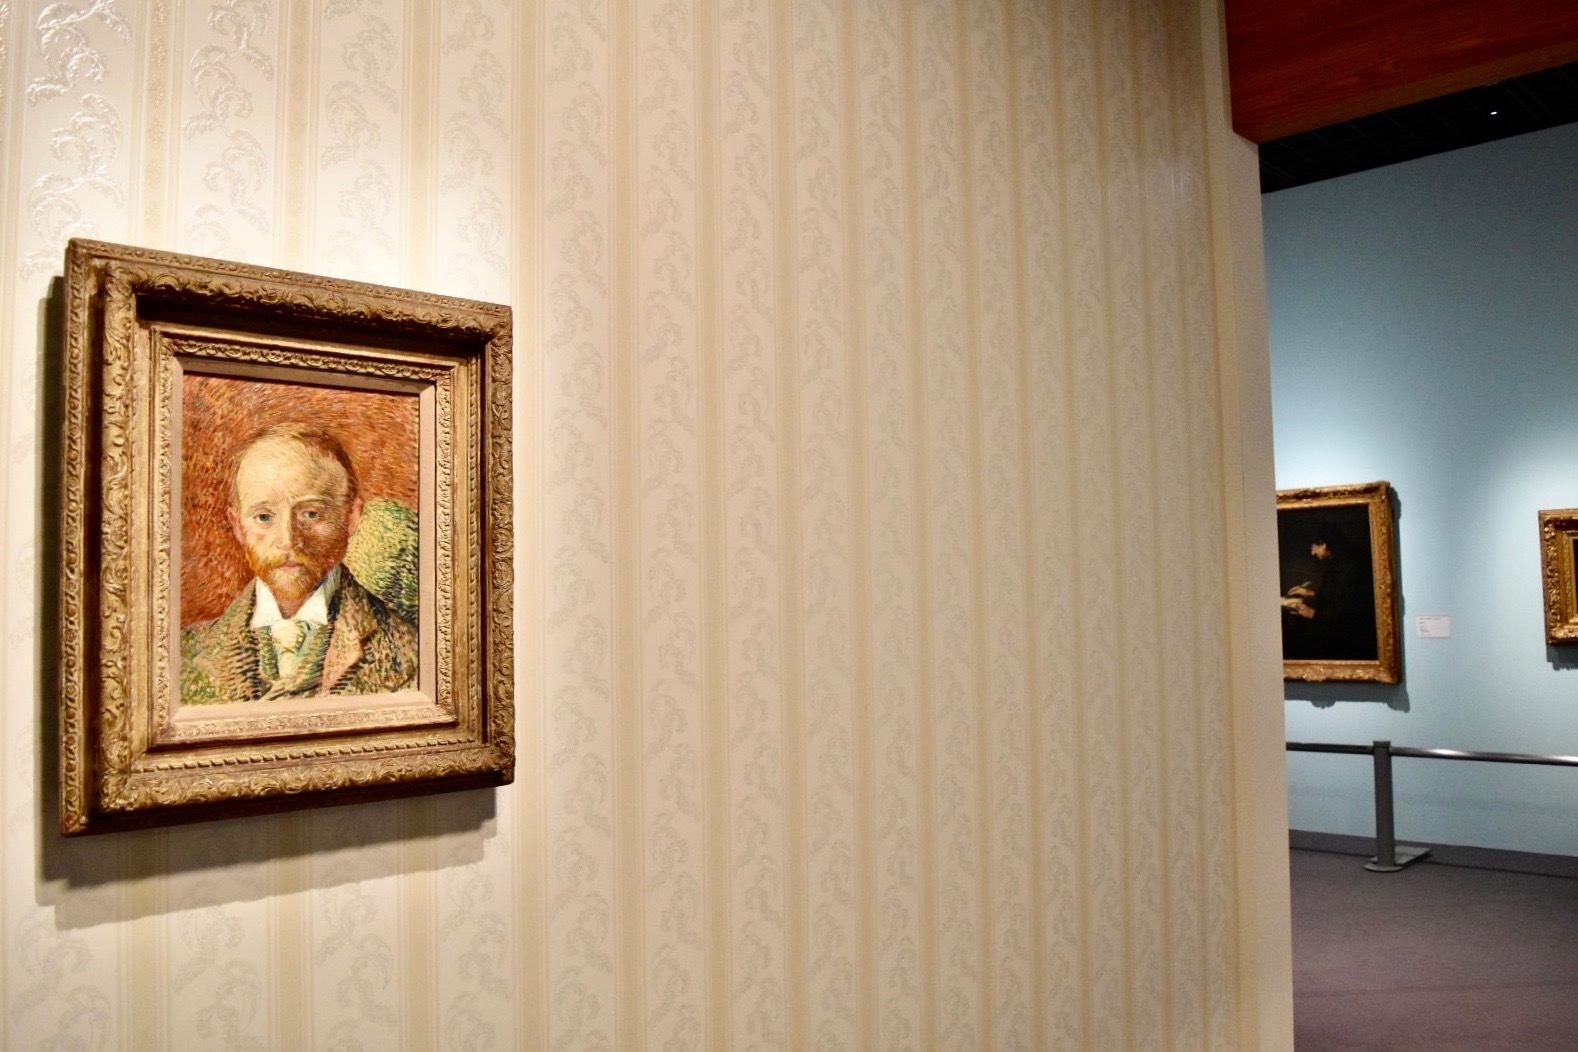 左:フィンセント・ファン・ゴッホ 《アレクサンダー・リードの肖像》 1887年 油彩、板 ケルヴィングローヴ美術博物館蔵 (C)CSG CIC Glasgow Museums Collection